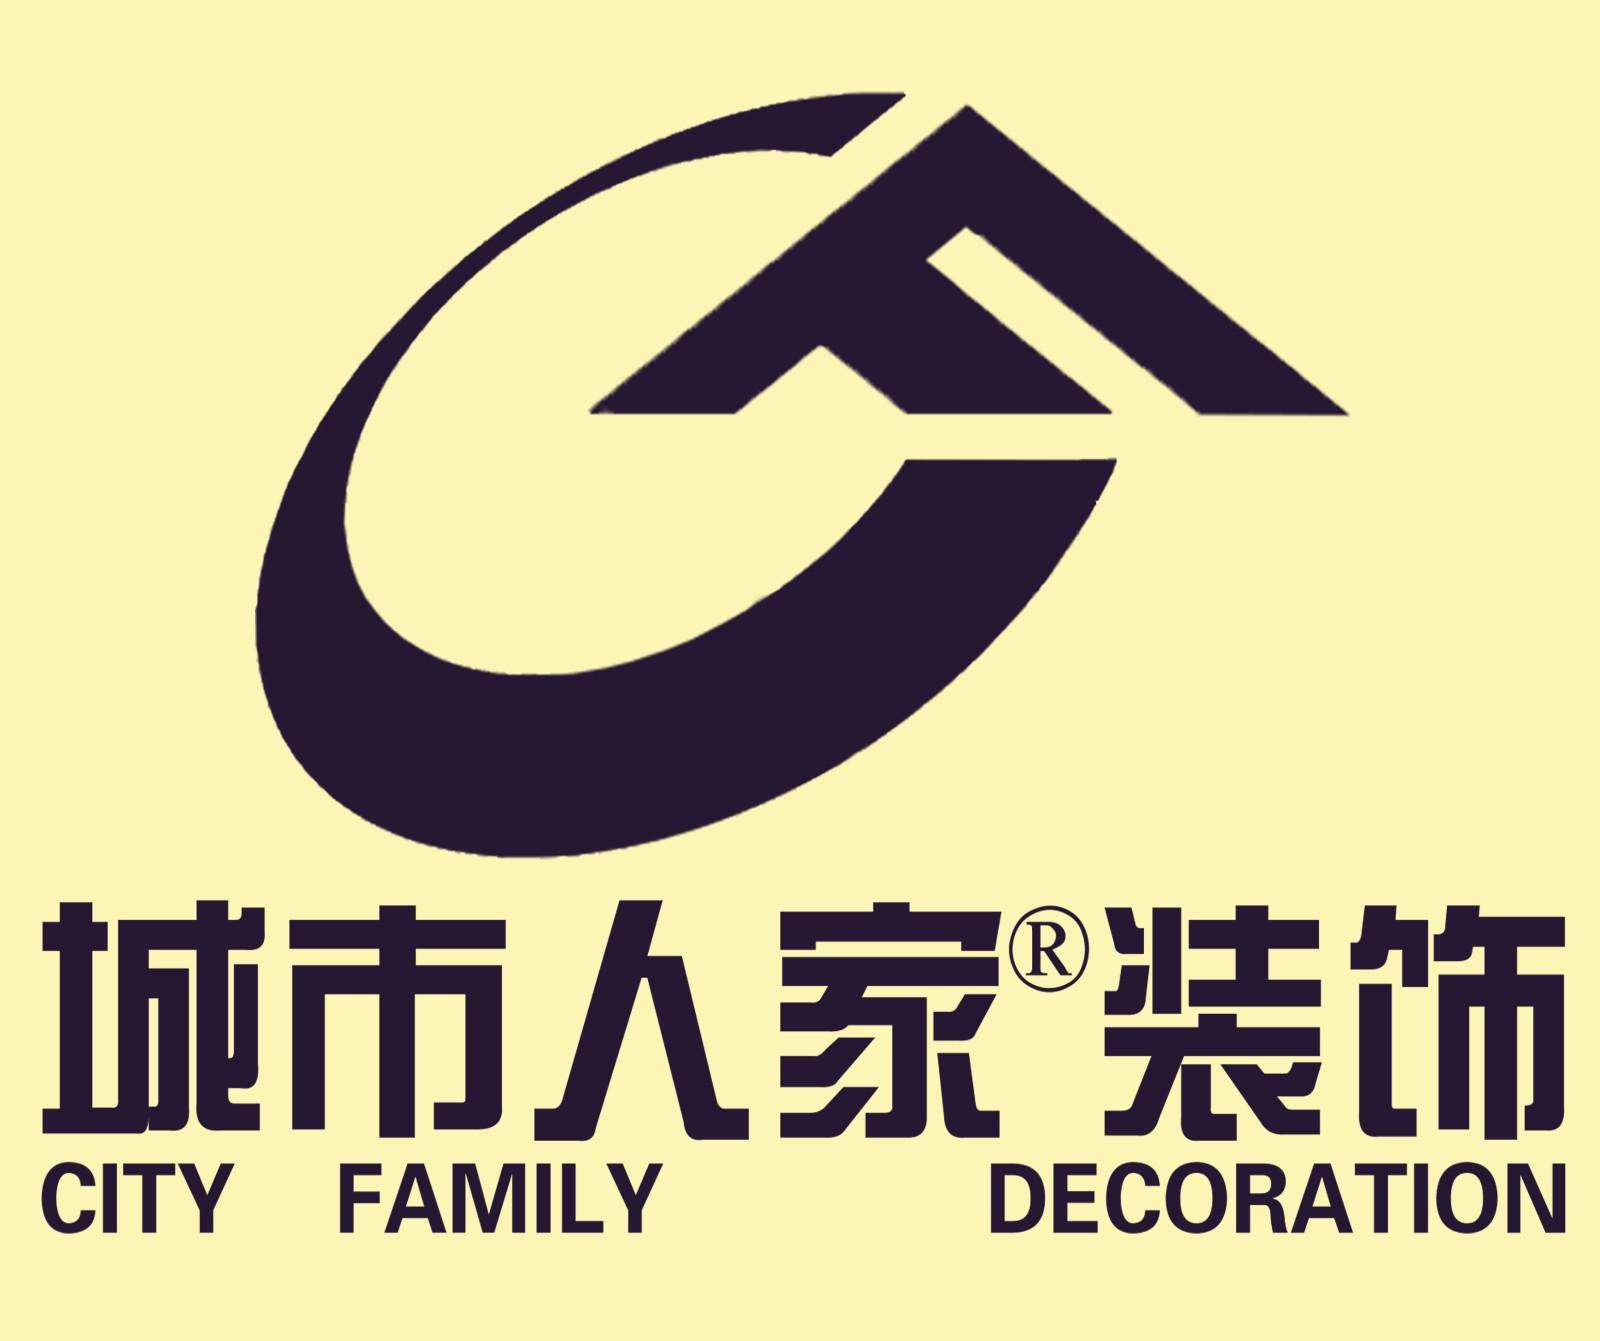 哈尔滨城市人家装饰有限公司